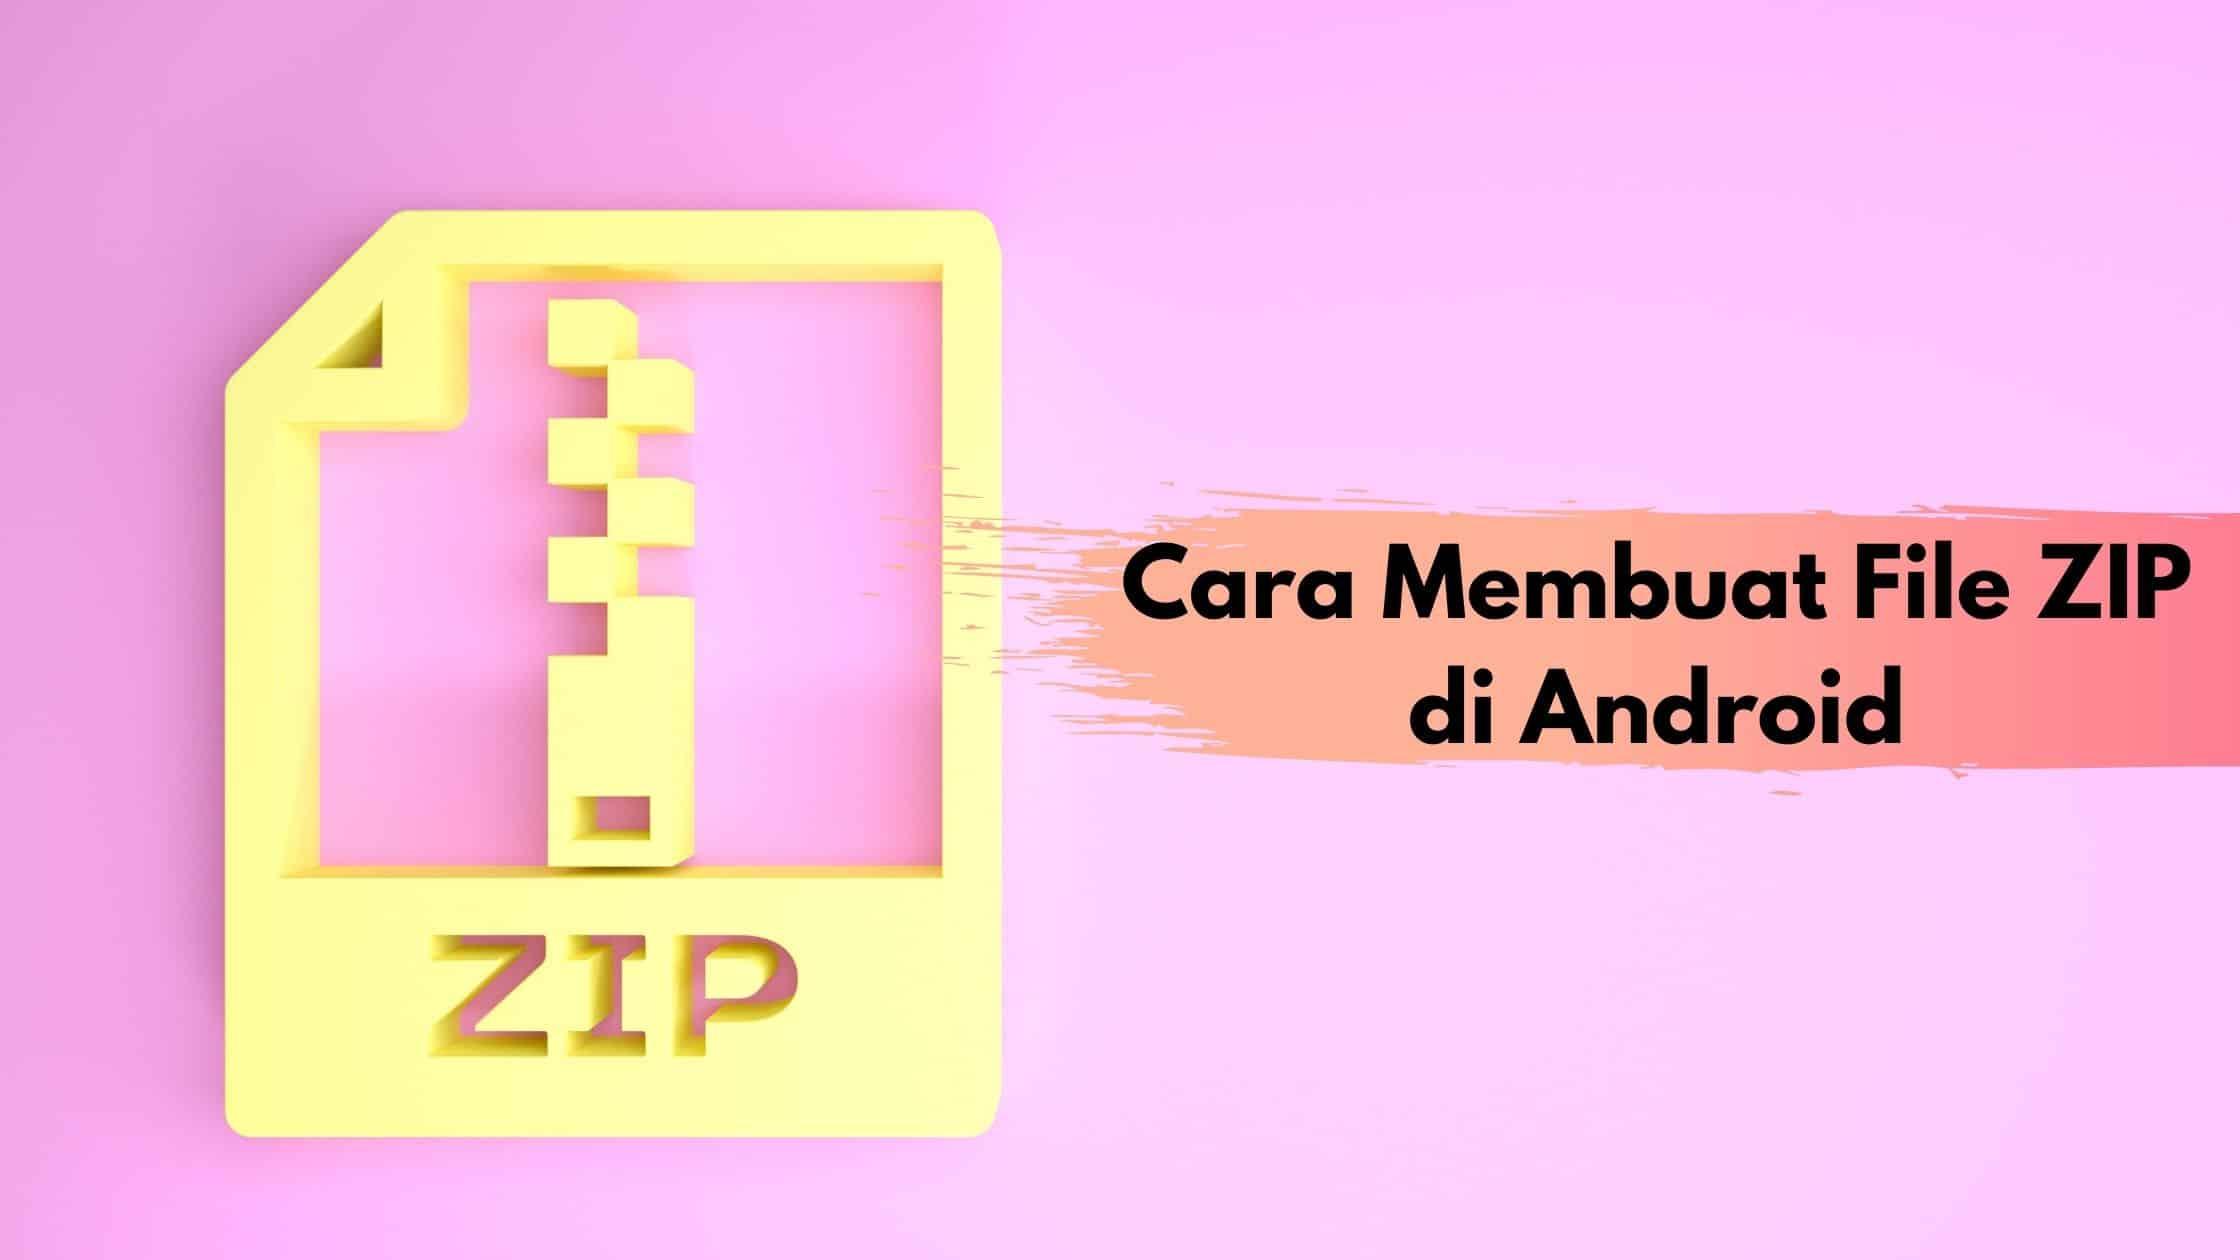 Cara Membuat File ZIP di Android